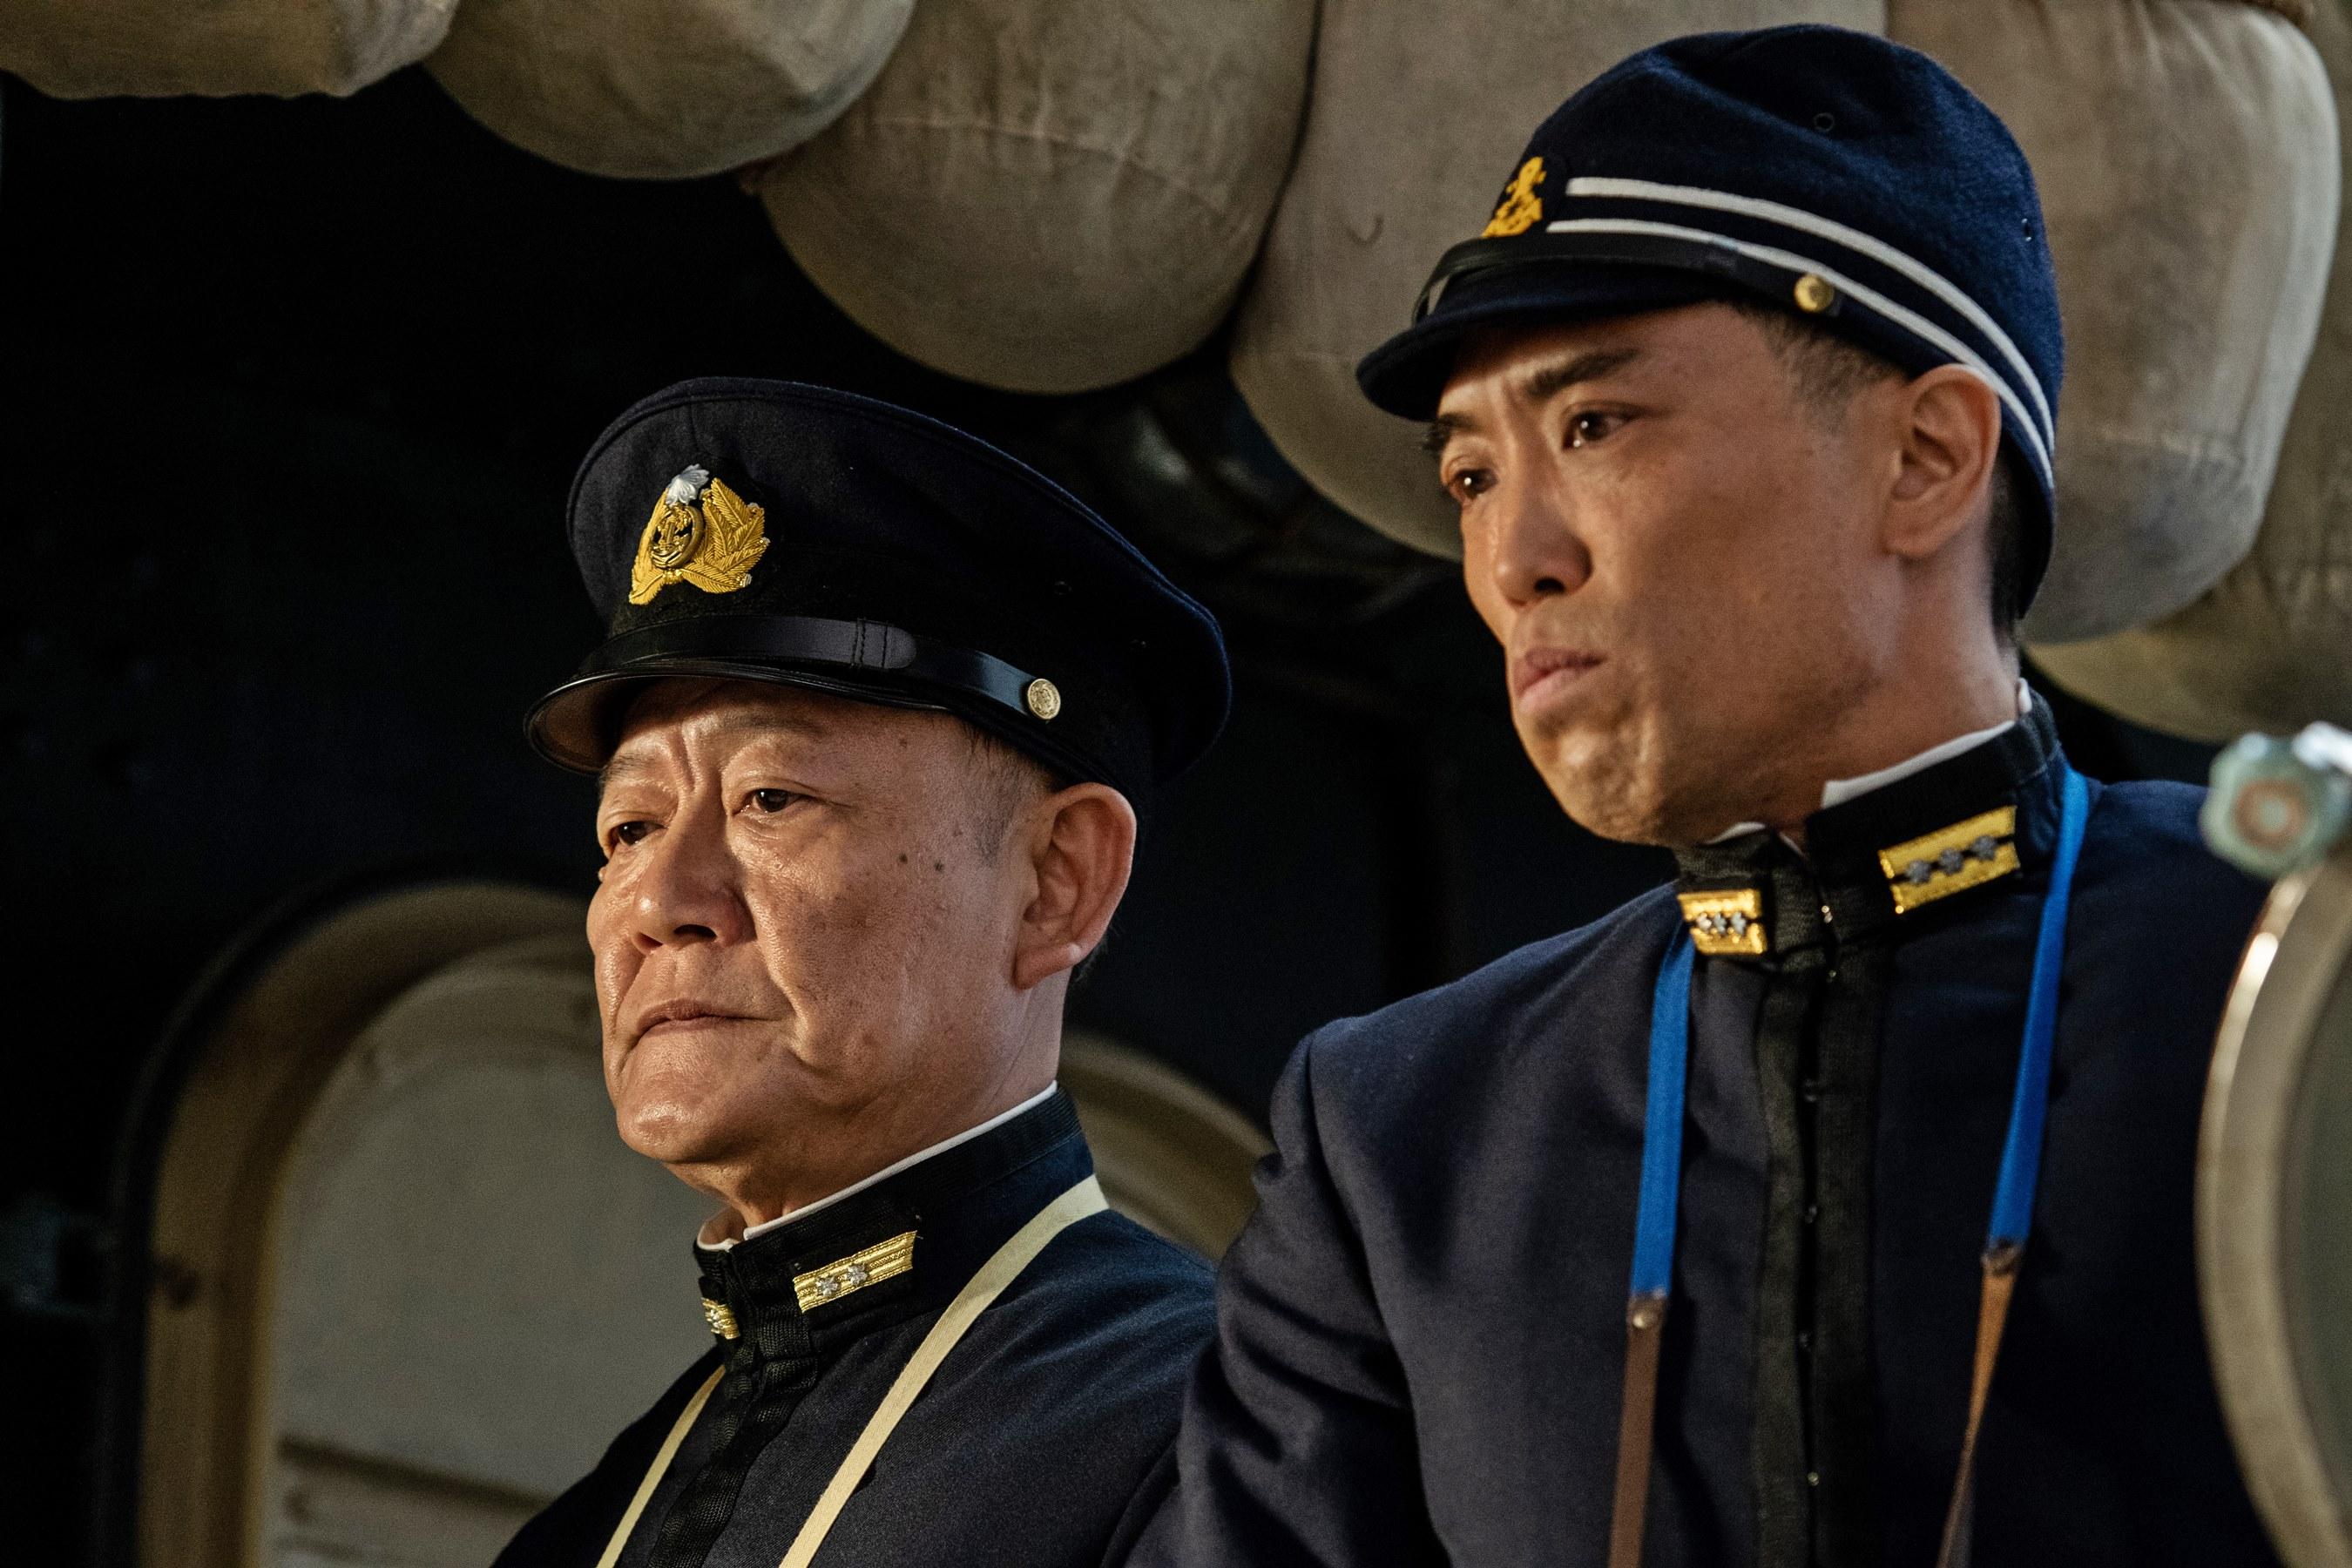 《決戰中途島》上映時正值中美貿易戰高峰,該片獲得了中國企業博納電影集團8000萬美元的資金,其內容批評了中國長期的競爭對手日本的戰時暴行。(雙喜電影提供)